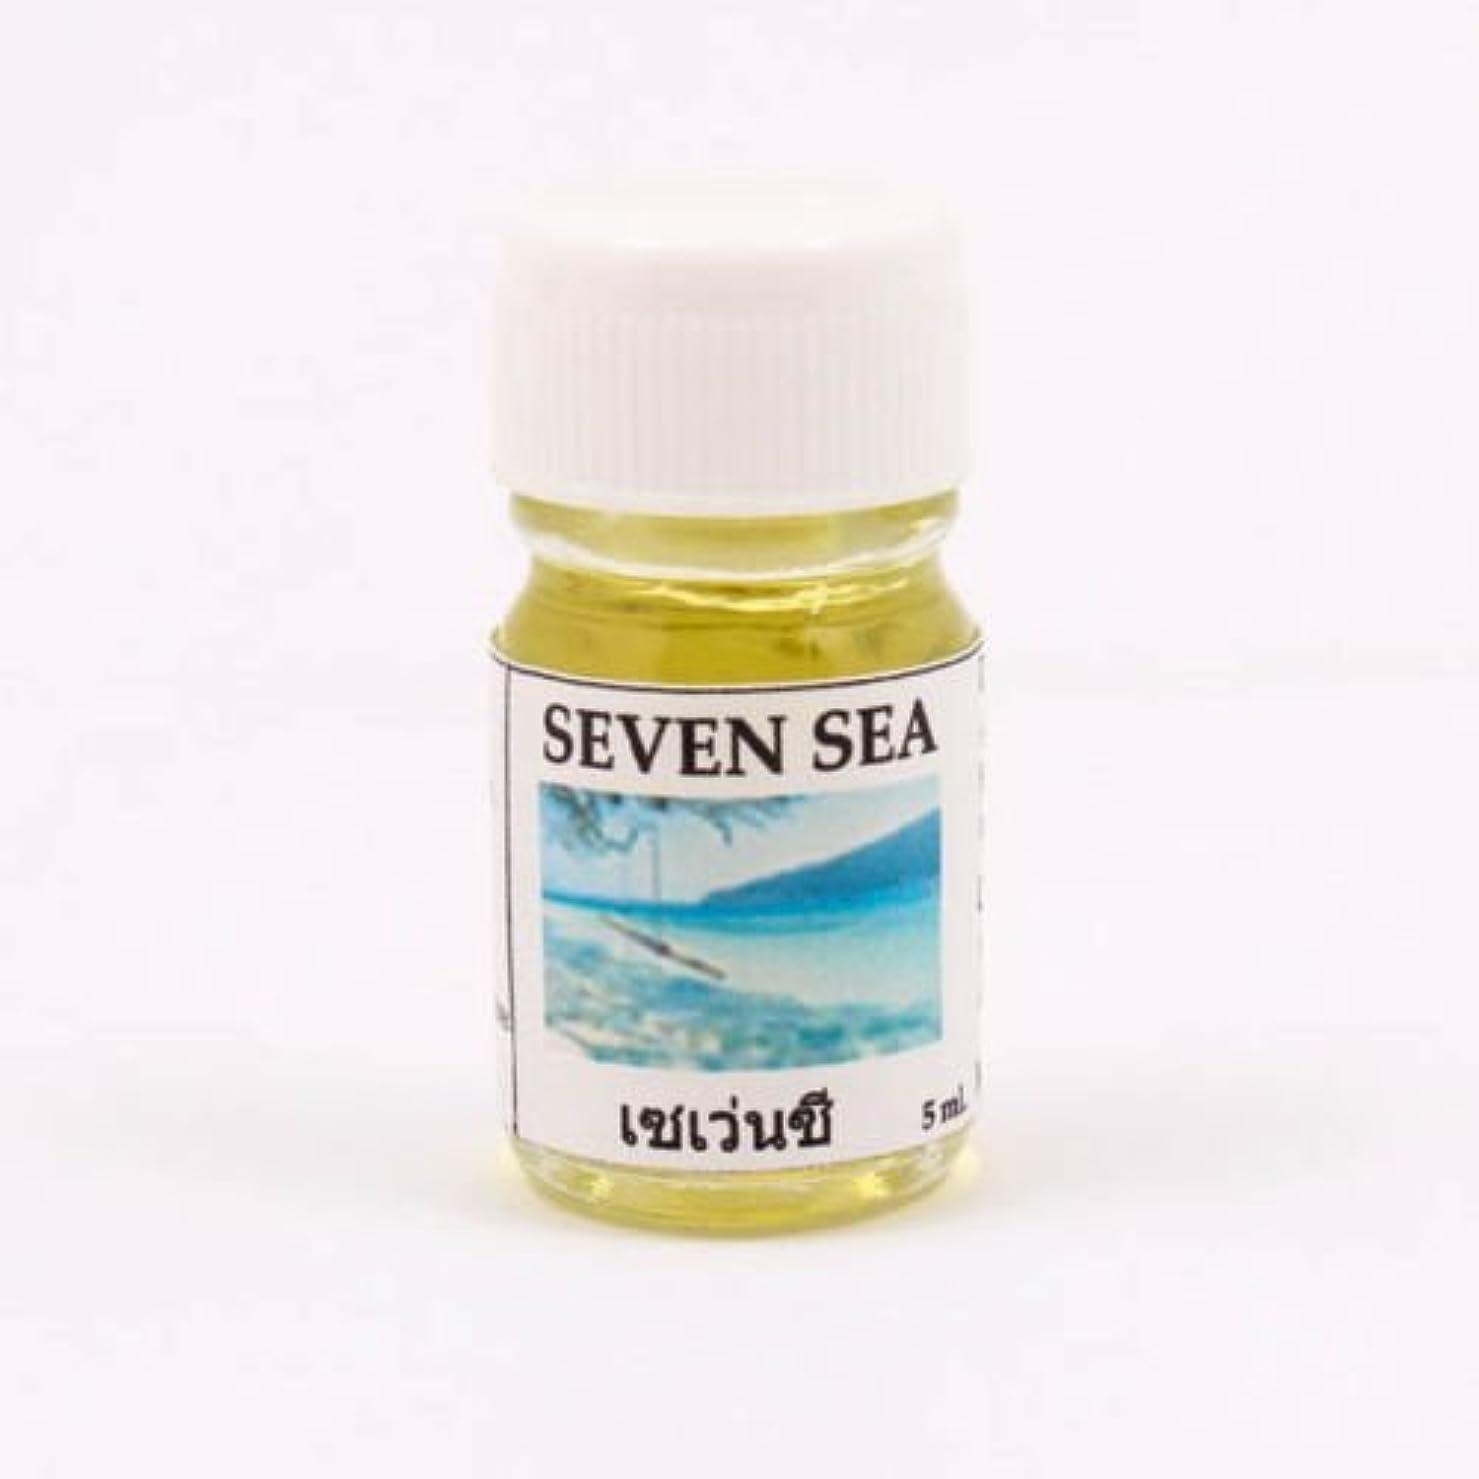 通行人ポゴスティックジャンプ司令官6X Seven Sea Aroma Fragrance Essential Oil 5ML. cc Diffuser Burner Therapy